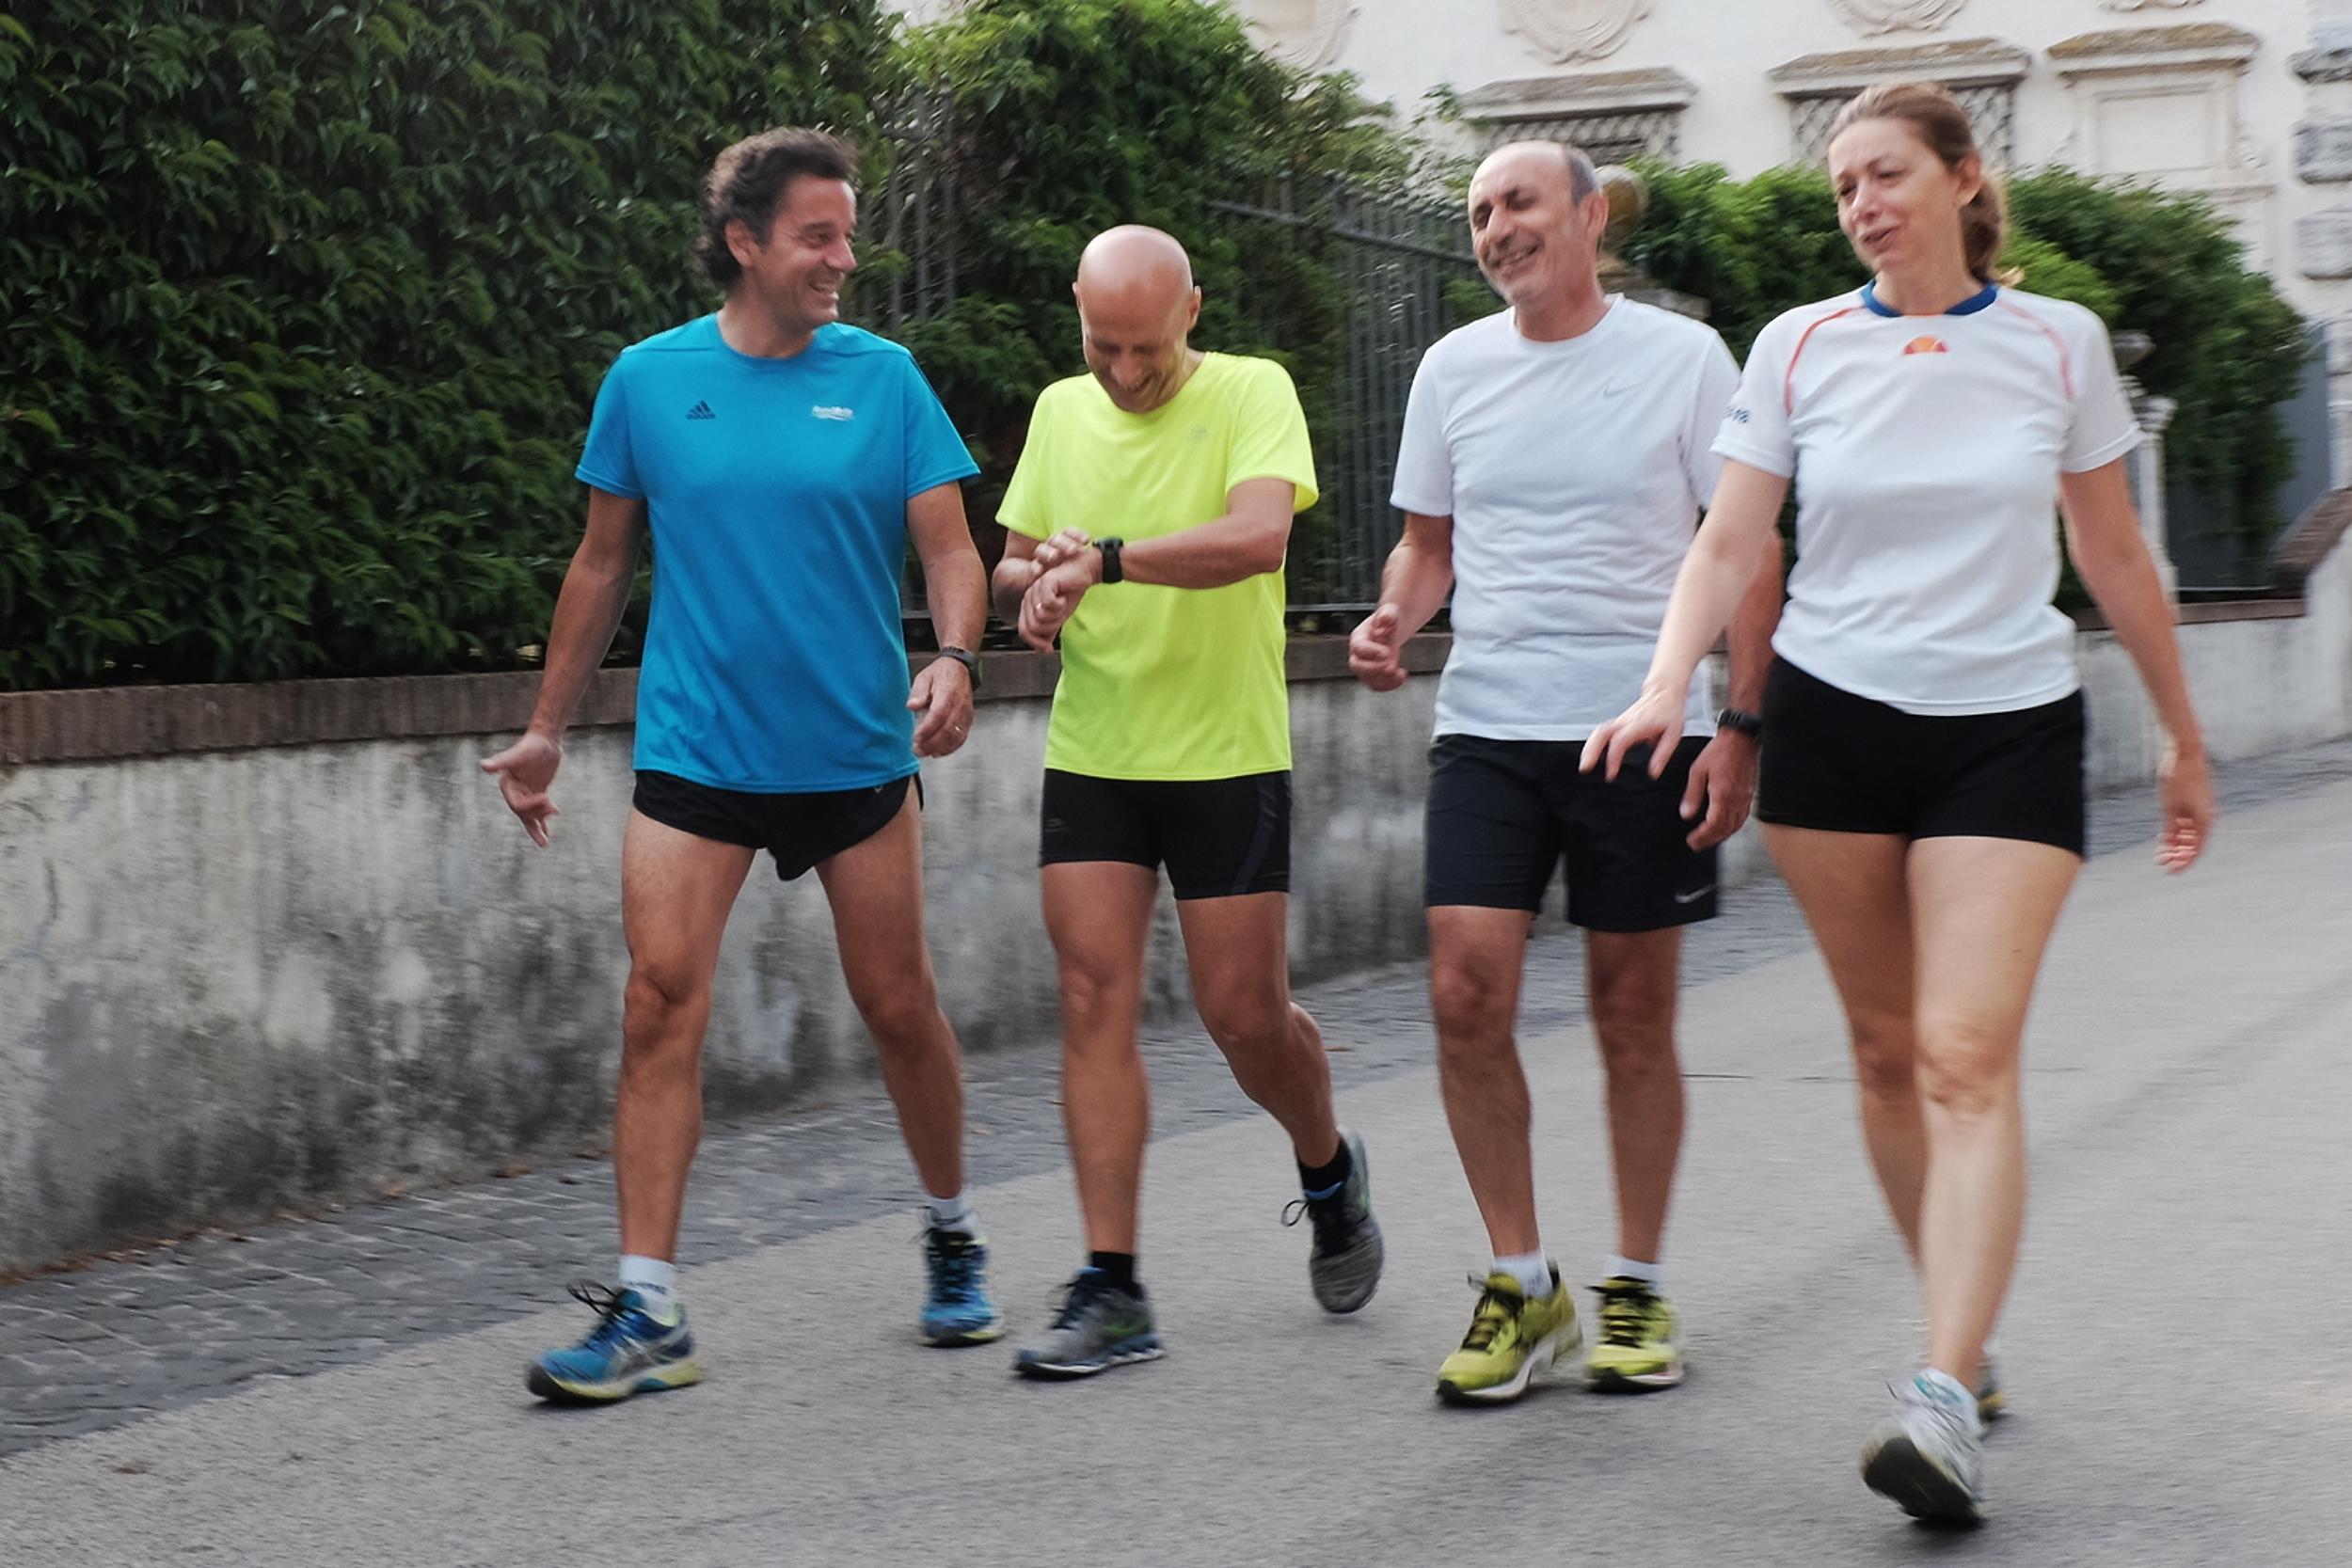 Roman runners